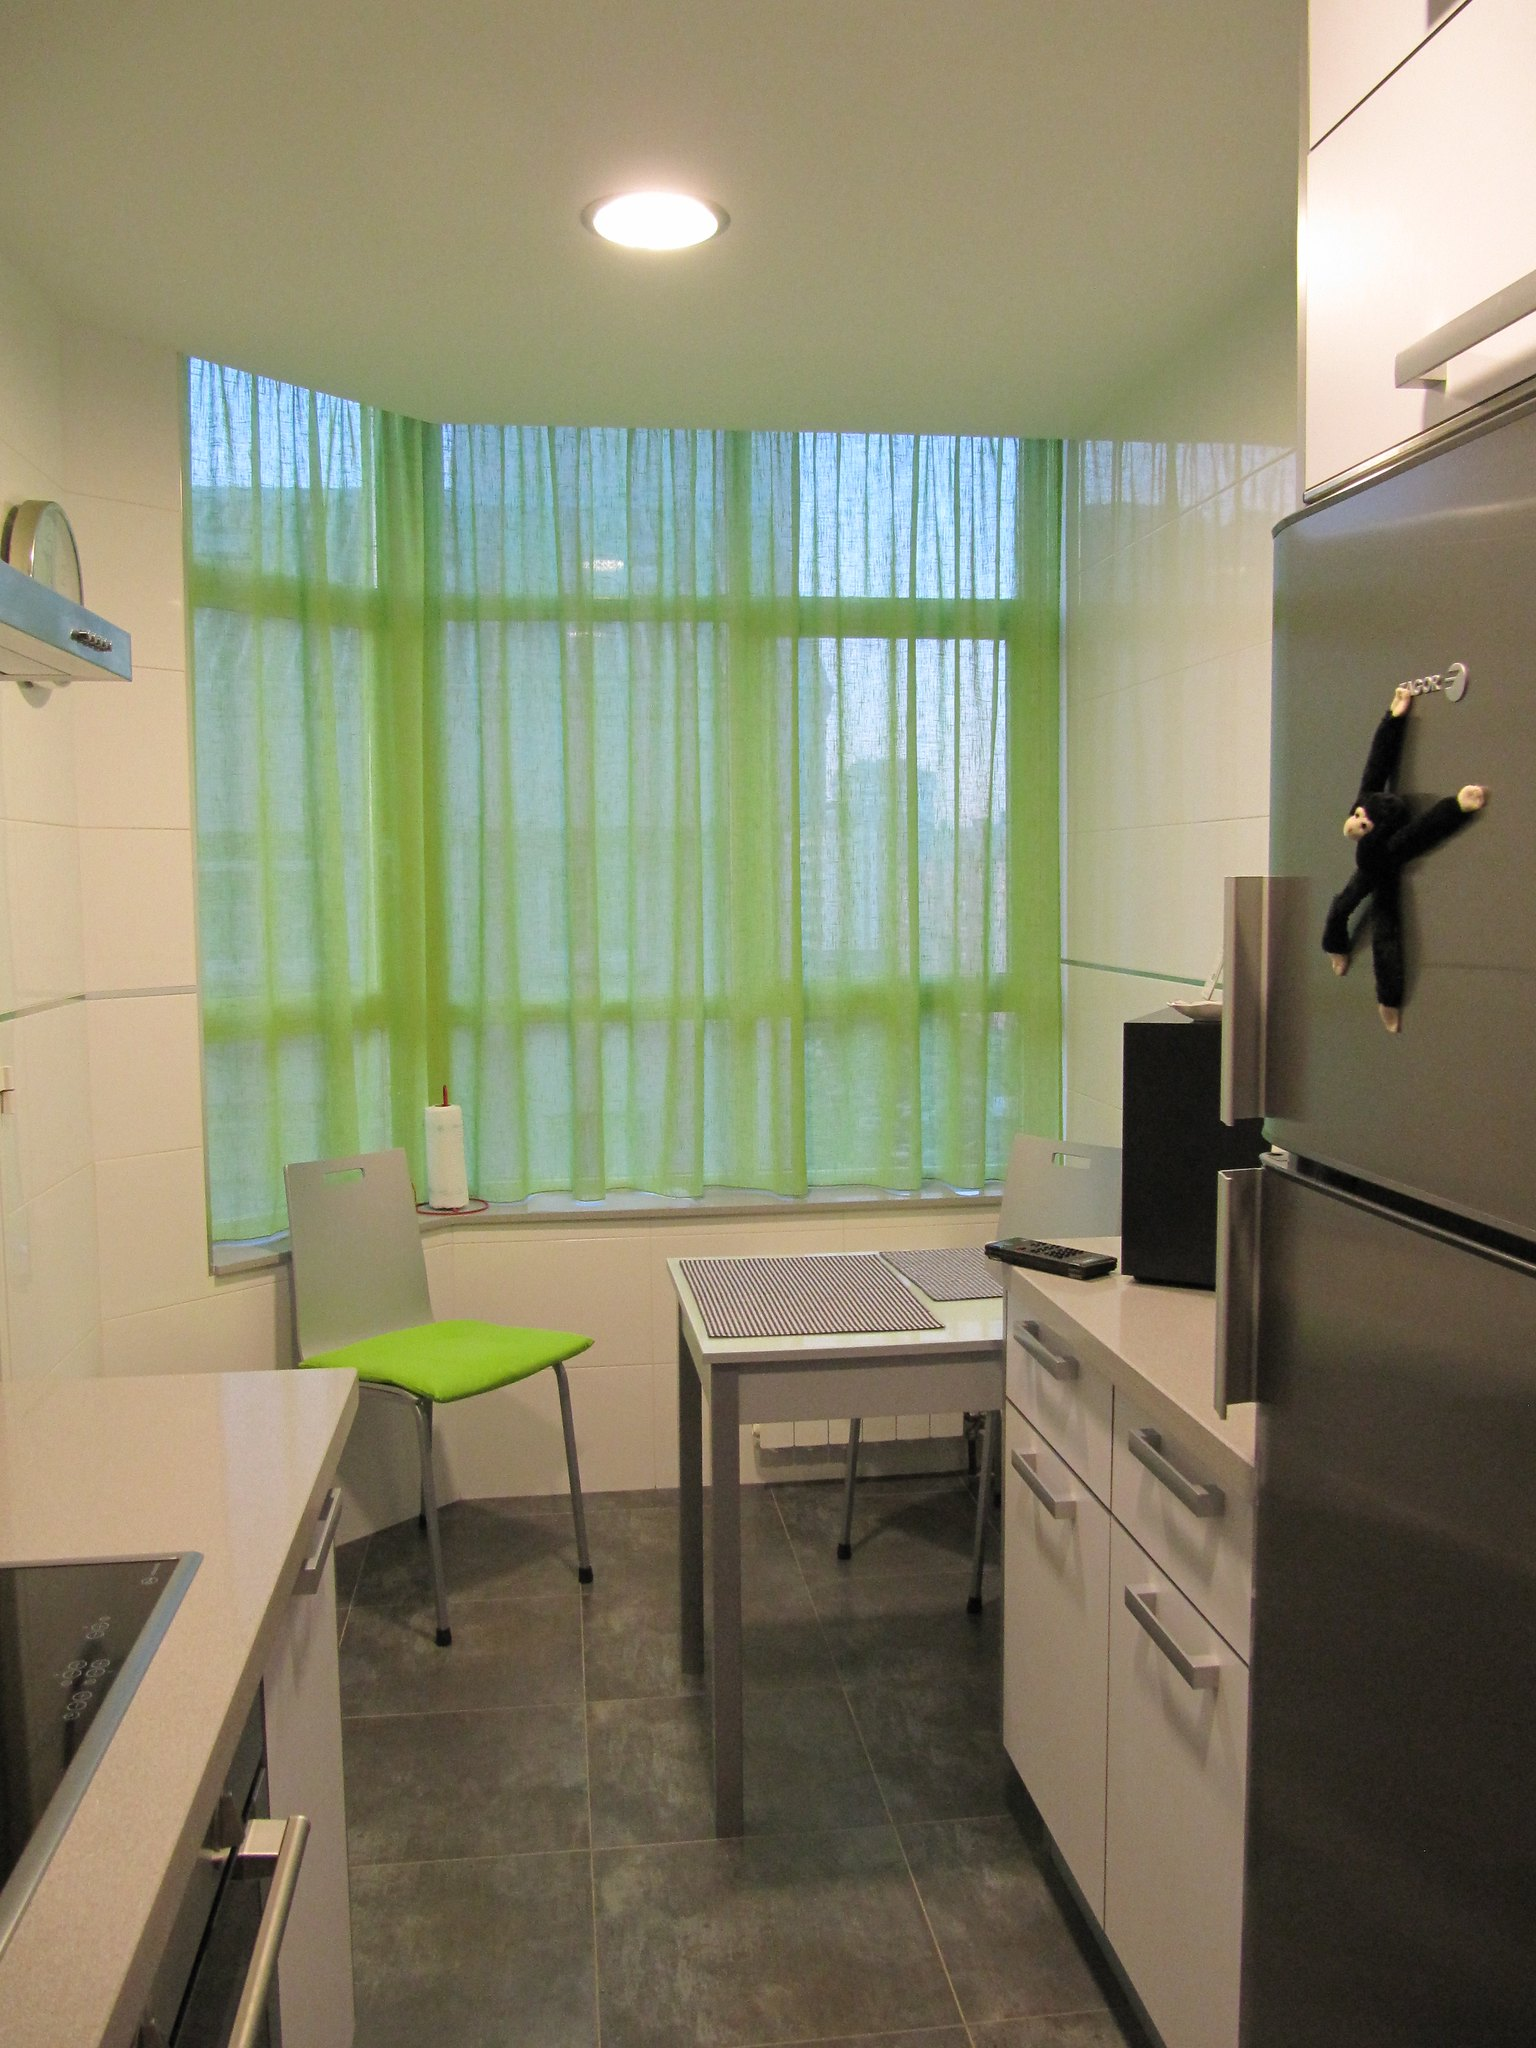 Espacios Mobiliario De Cocina S L Flickr